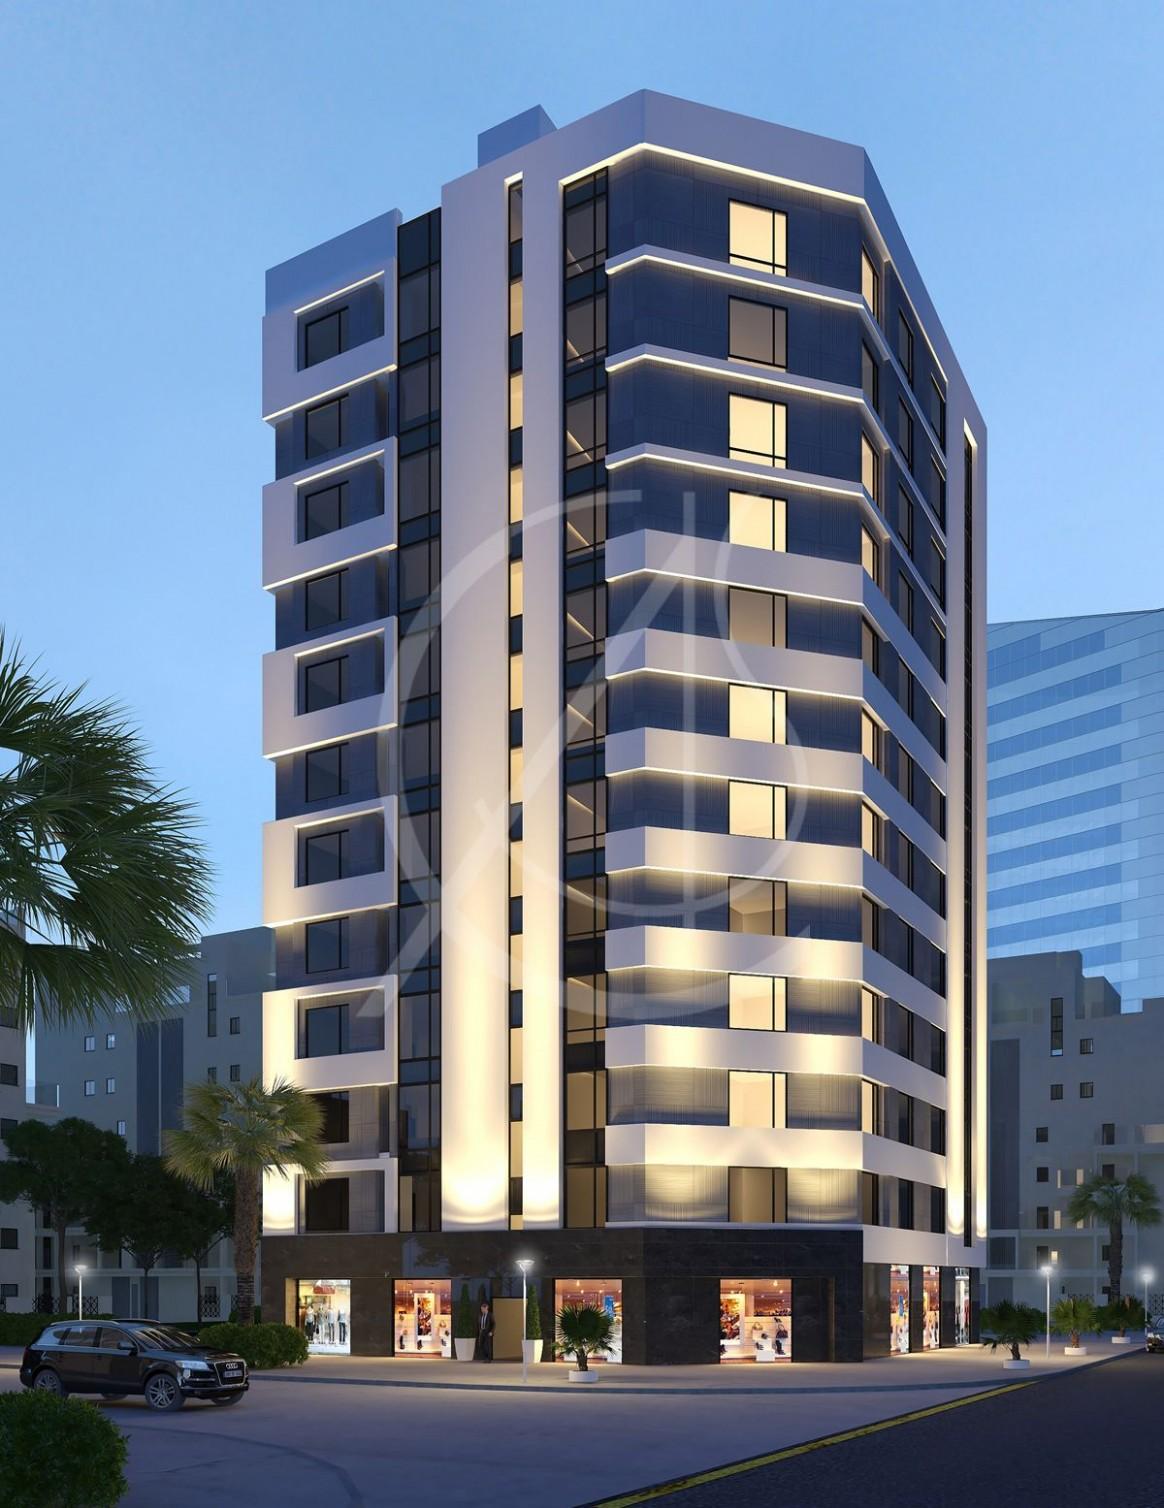 8 Story Modern Apartment Exterior Design - CAS  Apartments  - Apartment Exterior Design Ideas